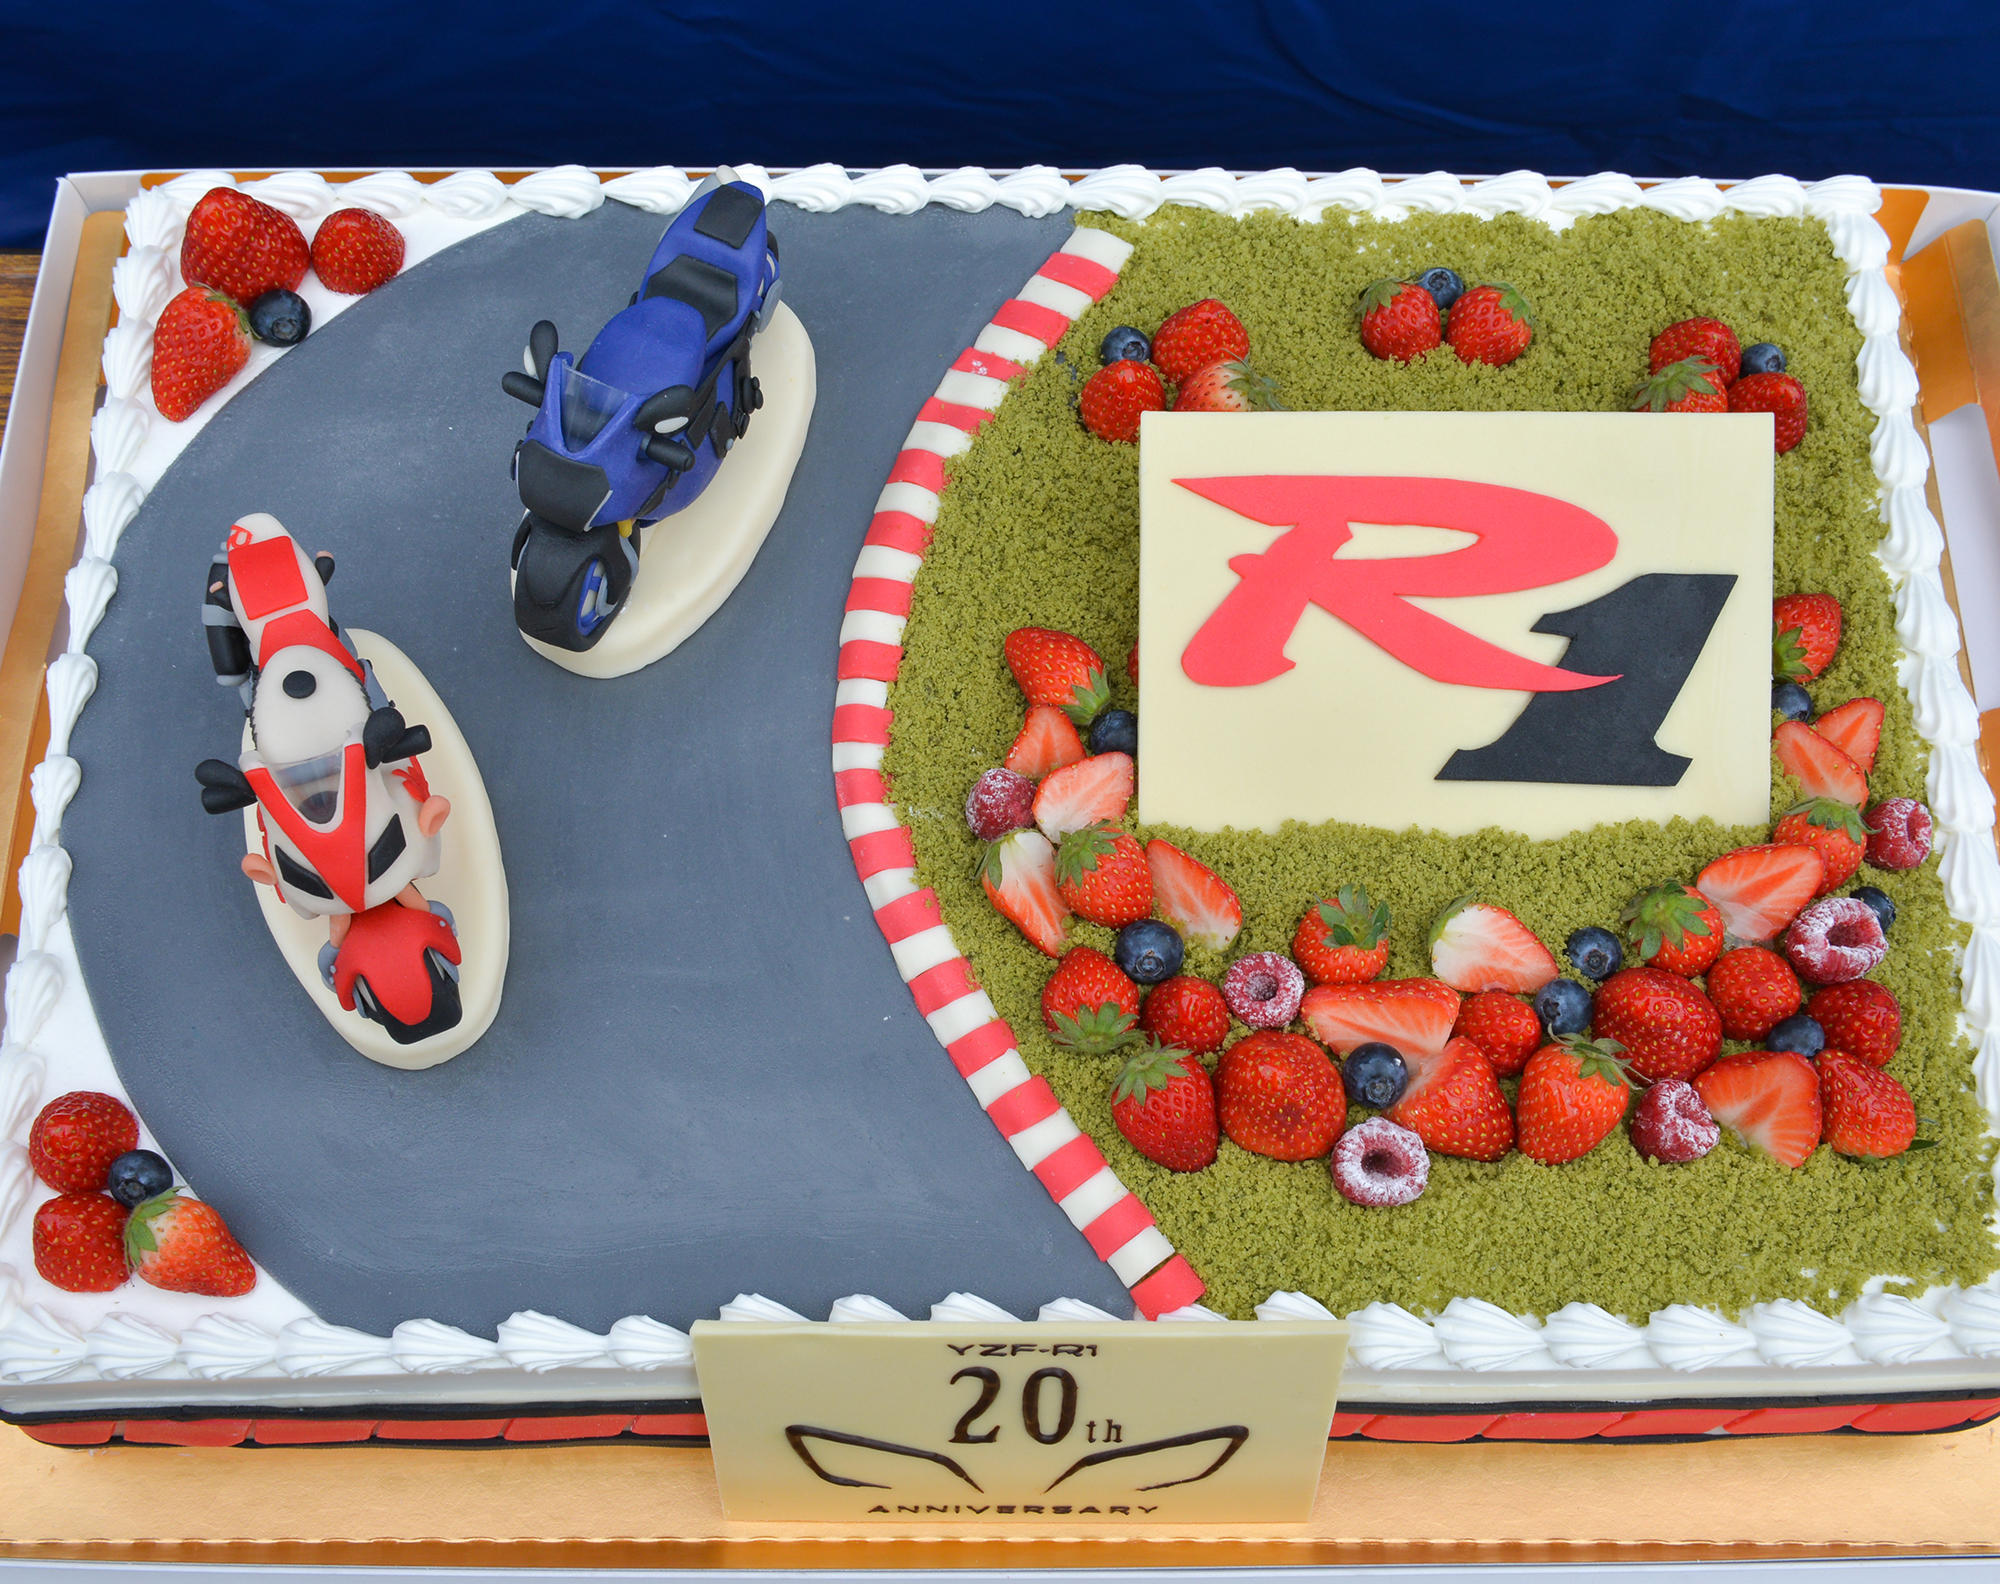 800人のファンのみなさんとYZF-R1誕生20周年を祝福。おいし〜くて楽しい♫ YZF-Rオーナーズミーティング開催レポ(その4:コースイベント)